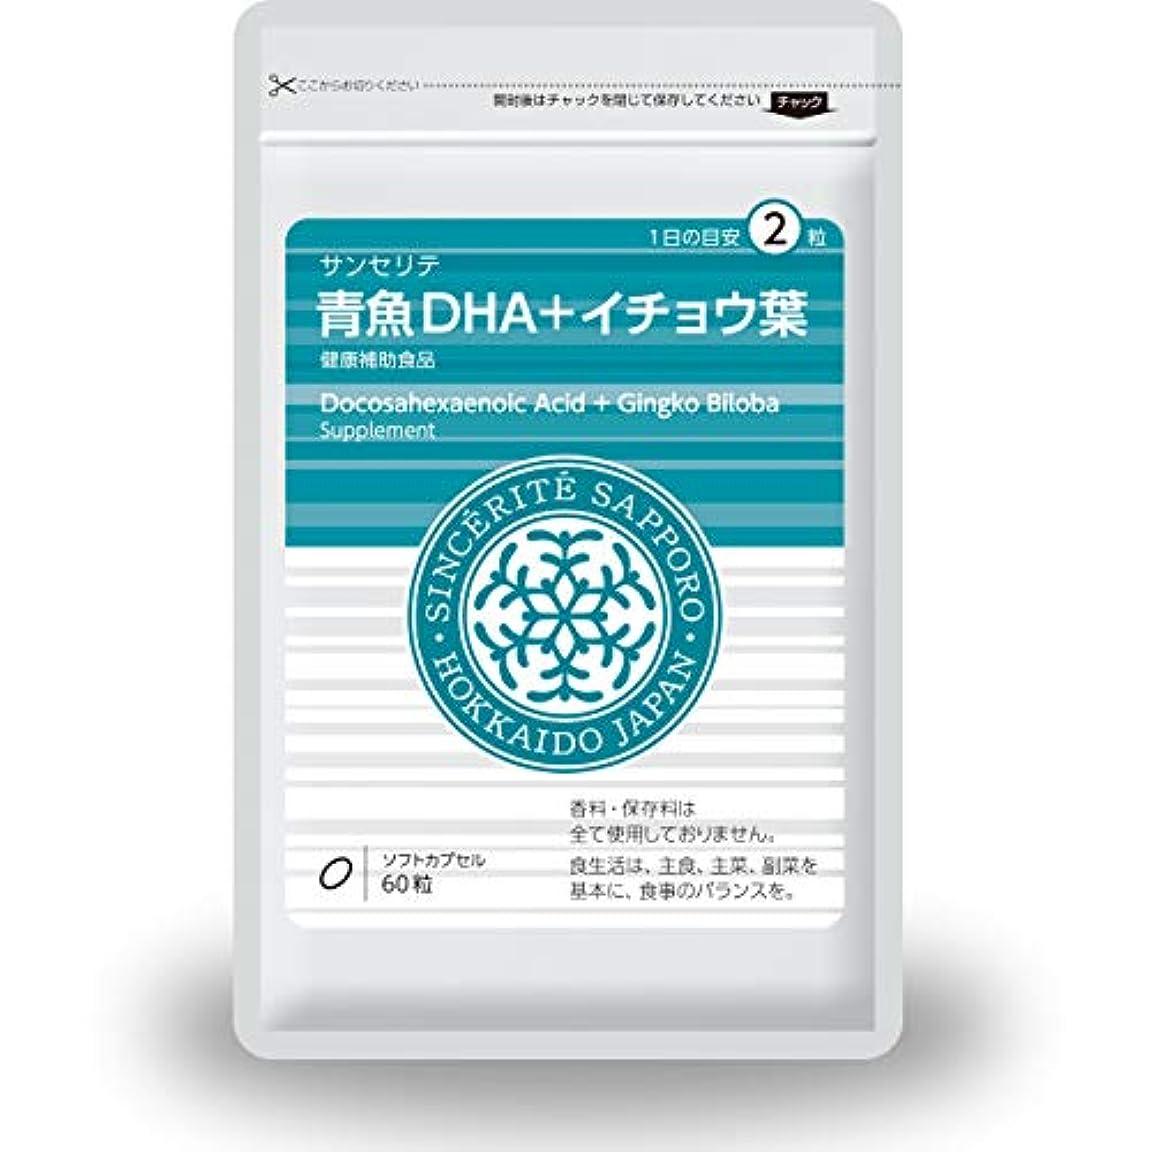 何もない下線気味の悪い青魚DHA+イチョウ葉 [DHA]101mg配合[国内製造]しっかり30日分